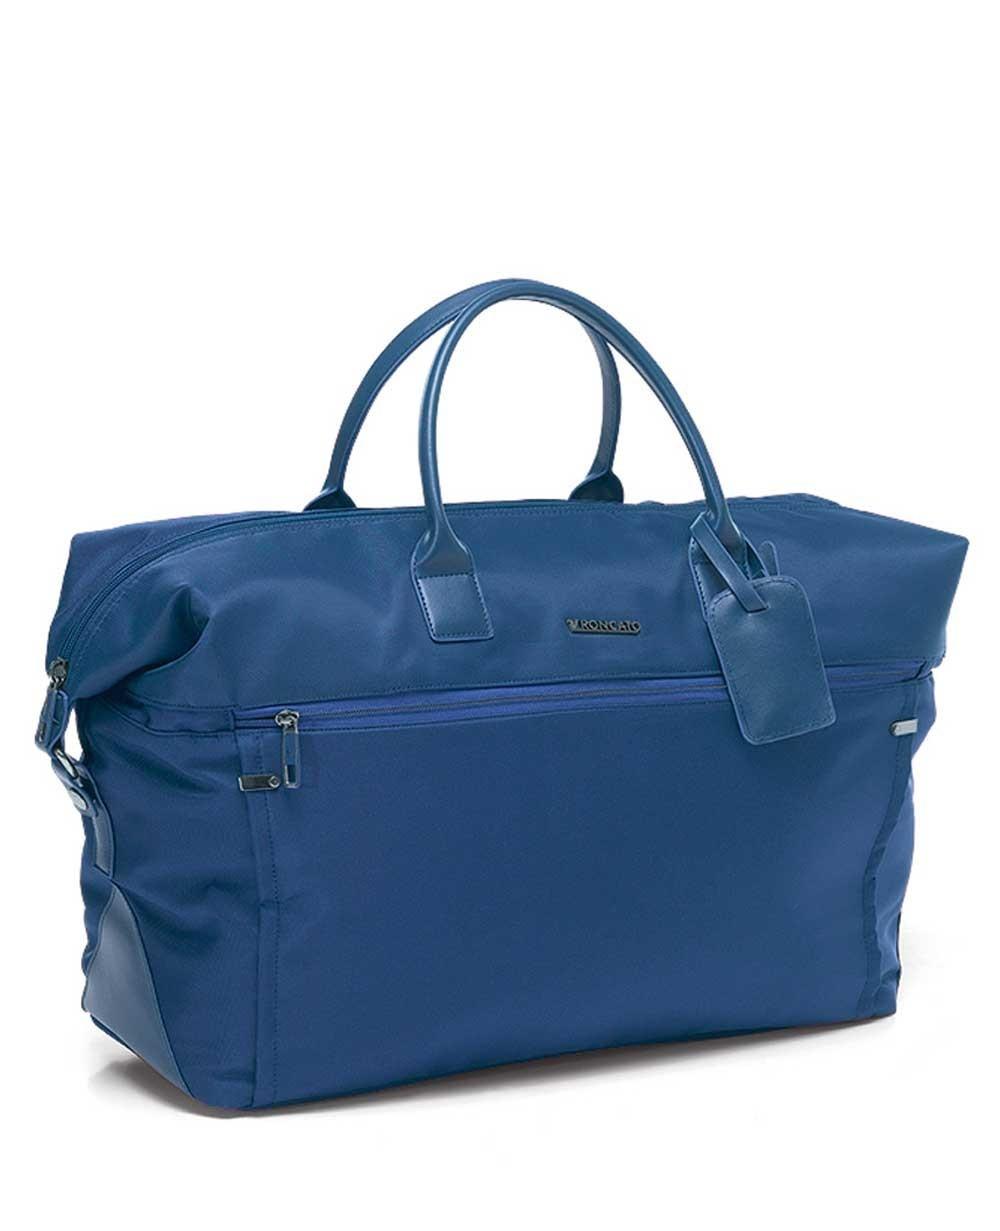 Roncato Zero Gravity Bolsa de Viaje Azul